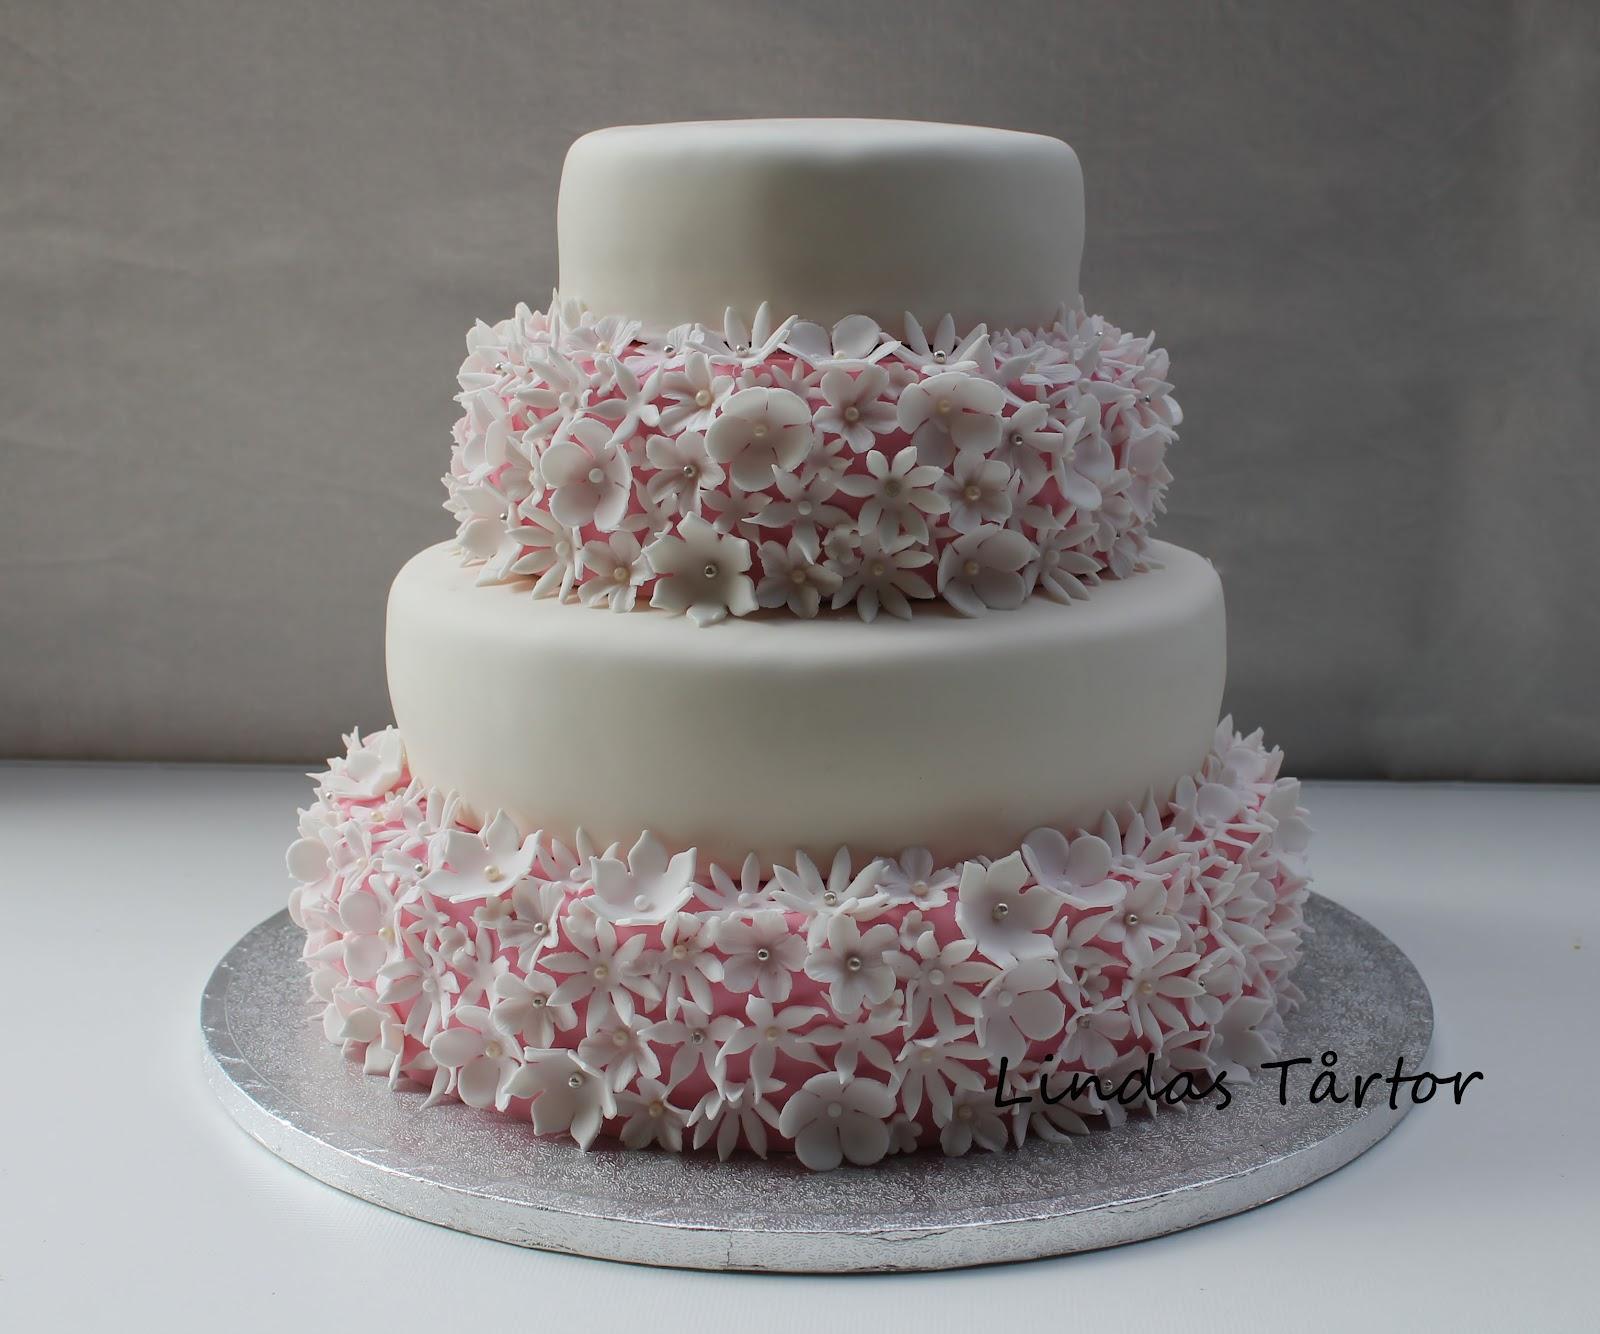 cc005a0f2a68 Lindas Tårtor: Bröllopstårta med blommor!